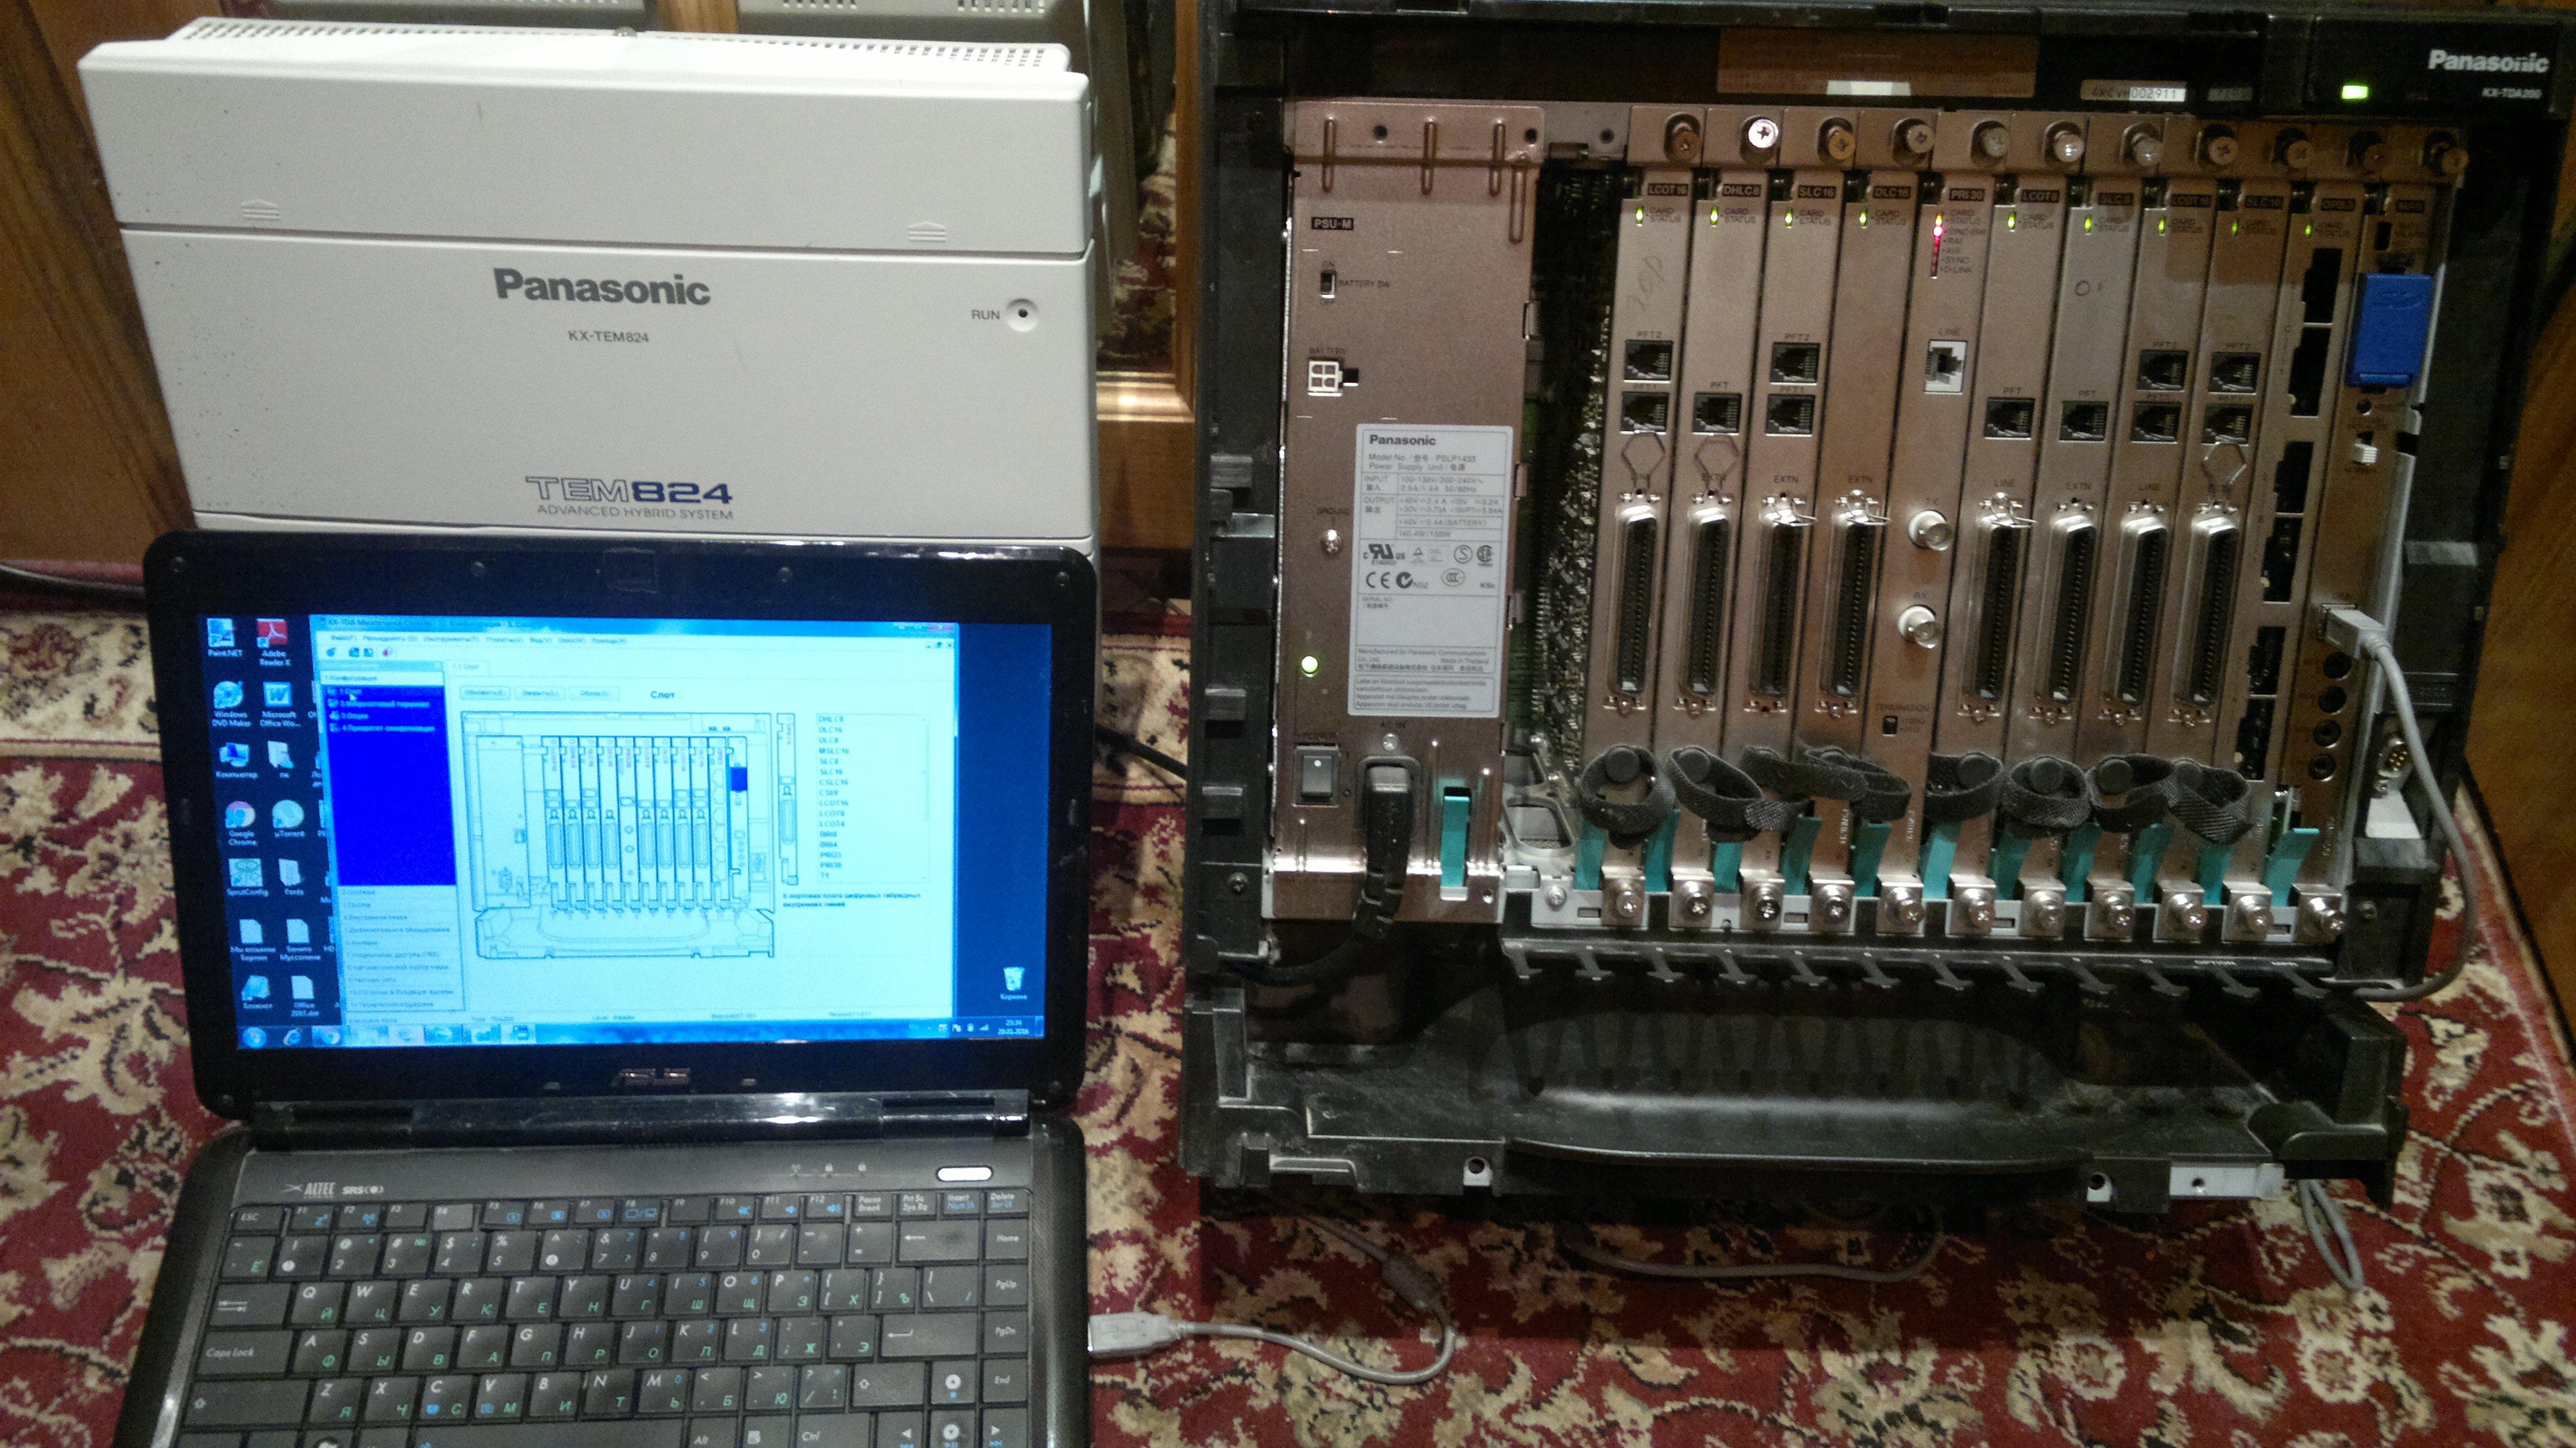 Panasonic атс мини - ремонт в Москве ремонт фотоаппаратов в москве бесплатная диагностика